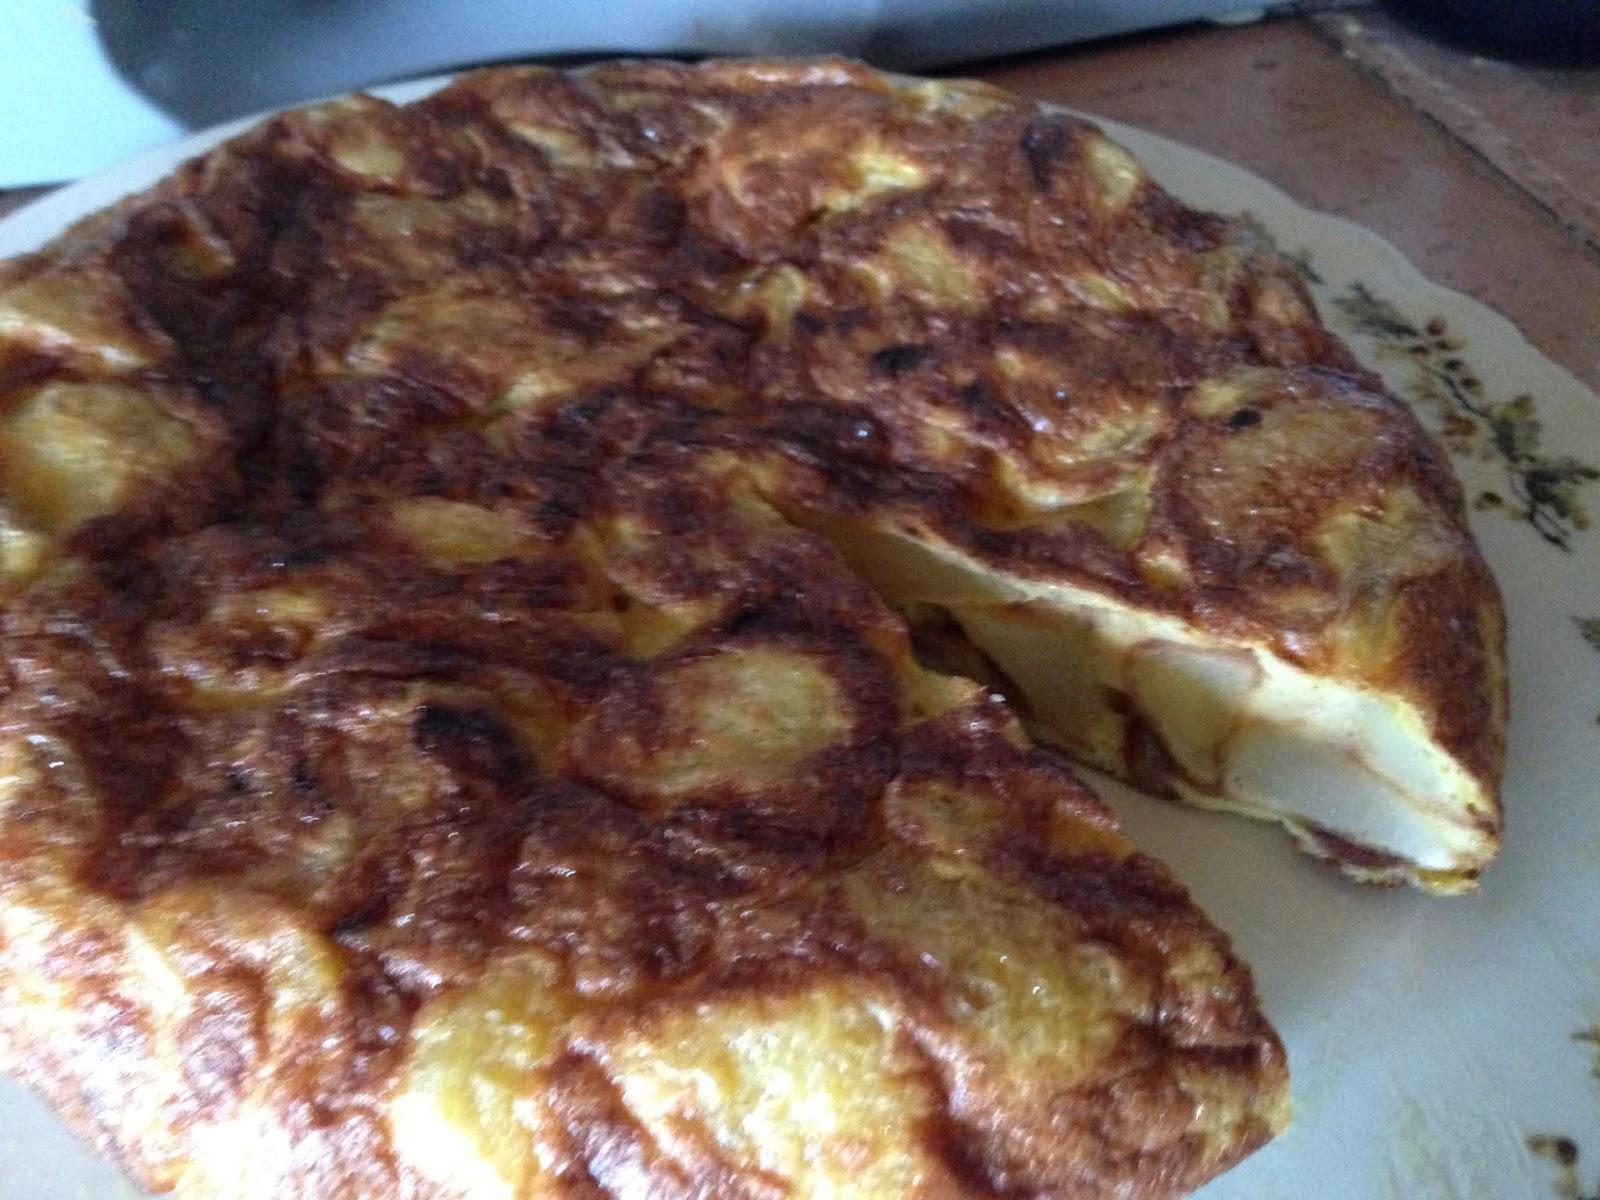 Patata Porner el cesc i la seva cuina: tortilla patatas y sus trucos